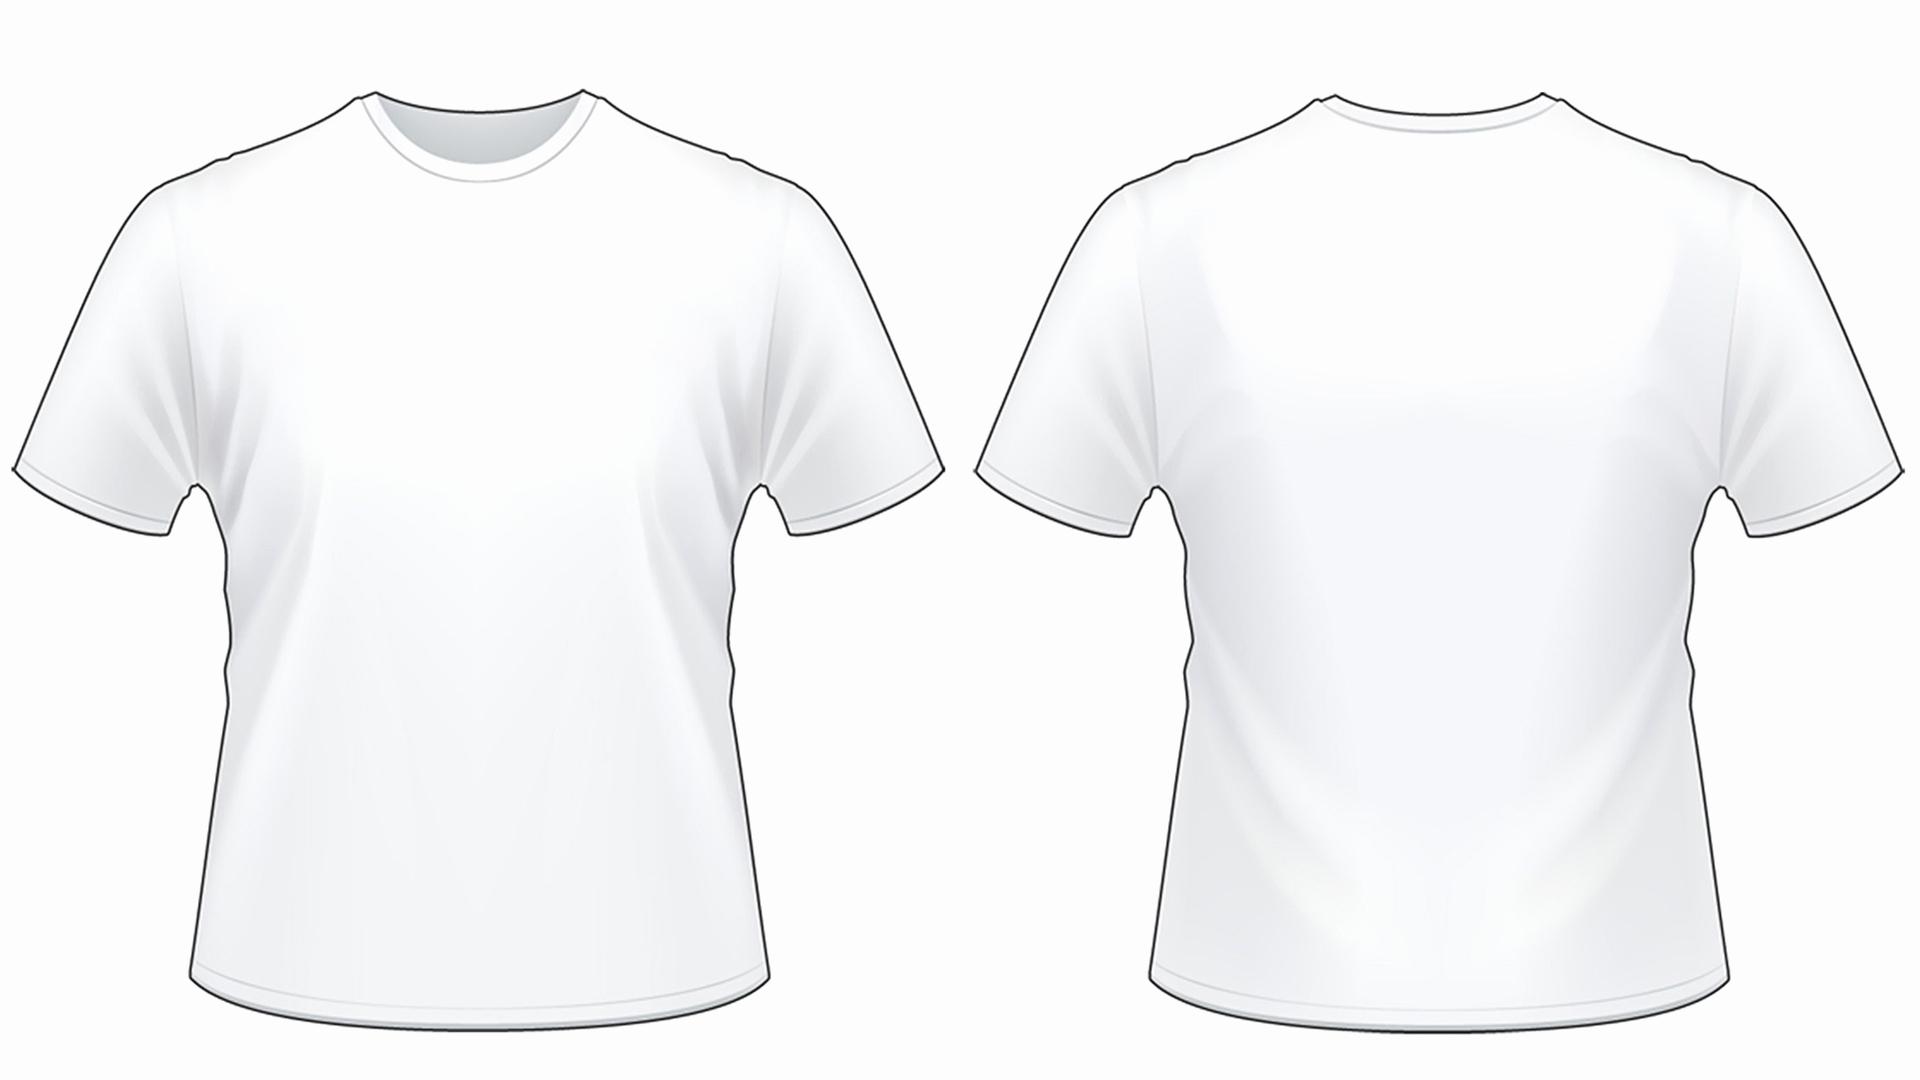 Blank Tshirt Template Worksheet In Png Hd Wallpapers